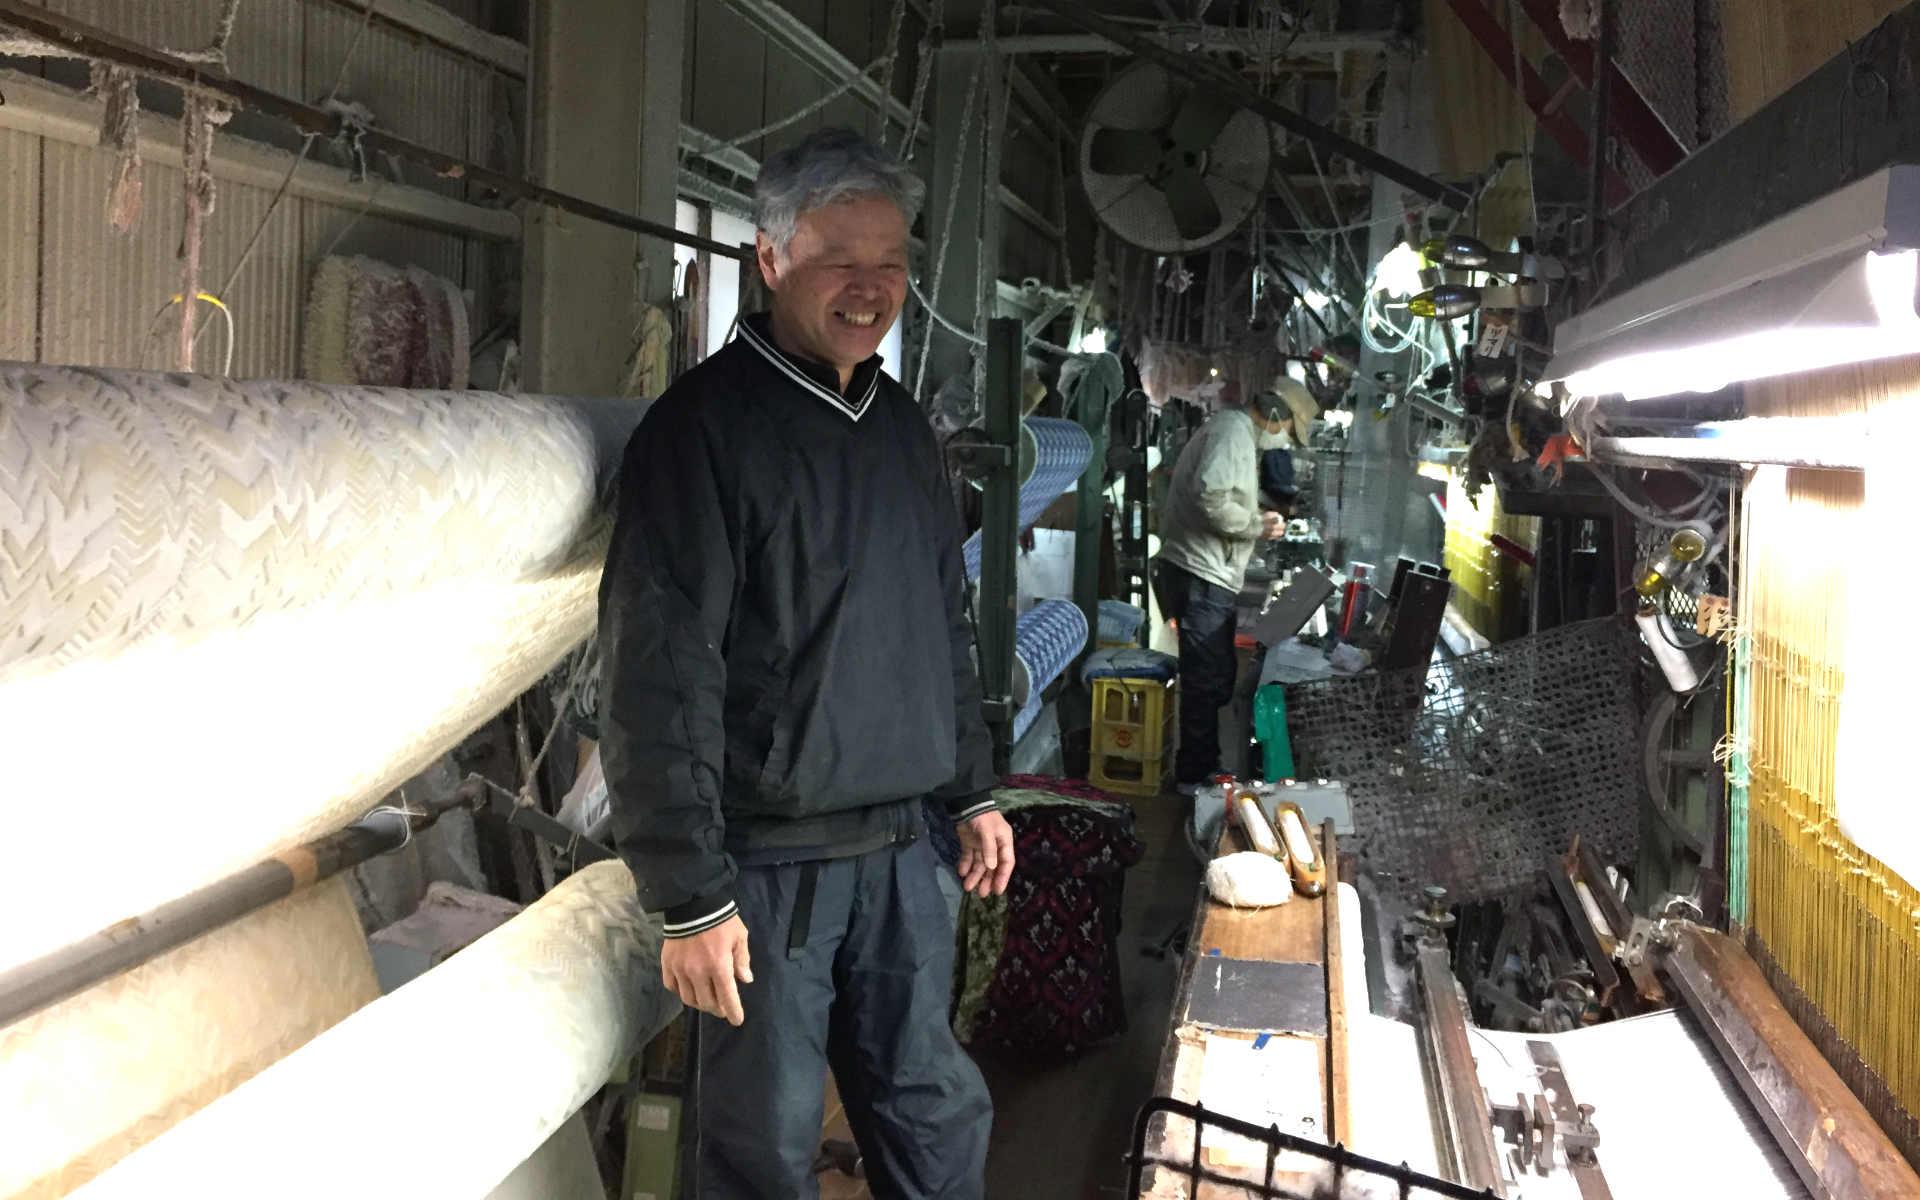 ご案内いただいた中矢さん。パイル織りの機械を前に